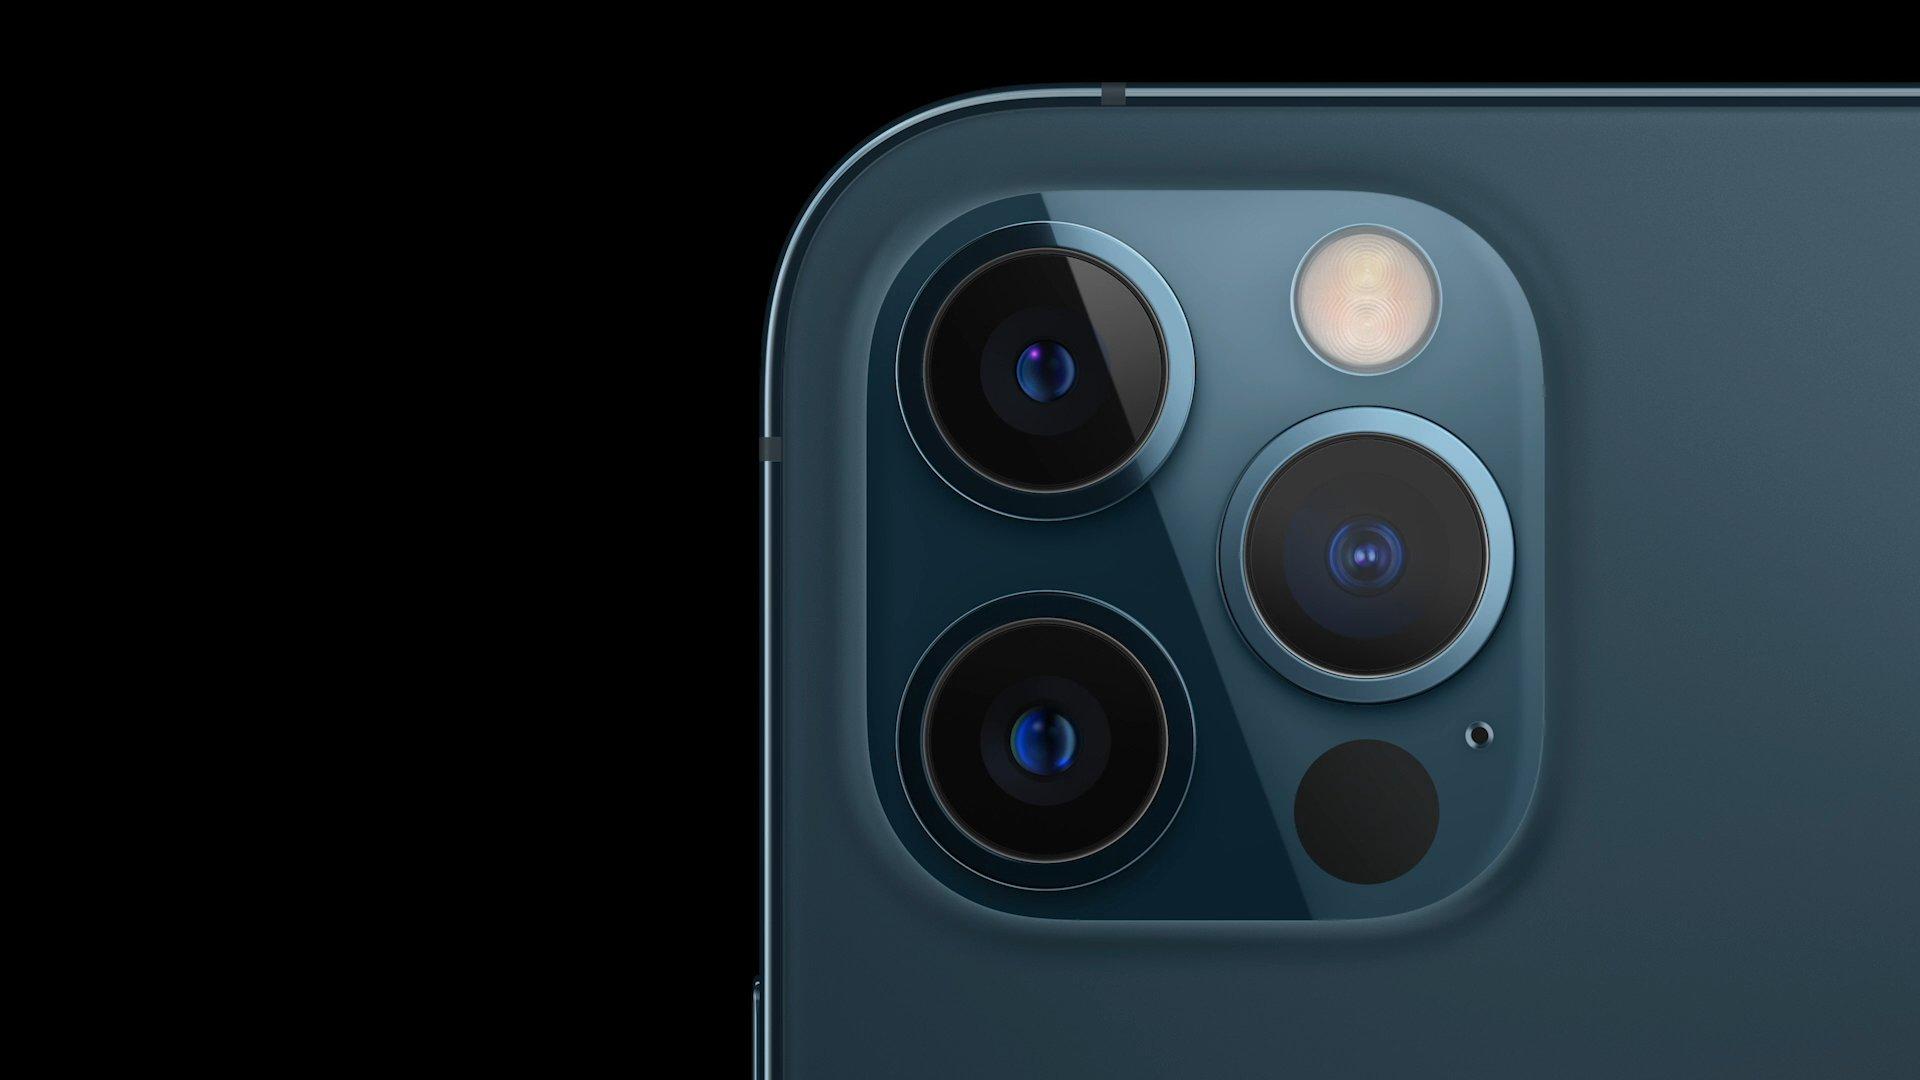 iphone 12 pro aparat